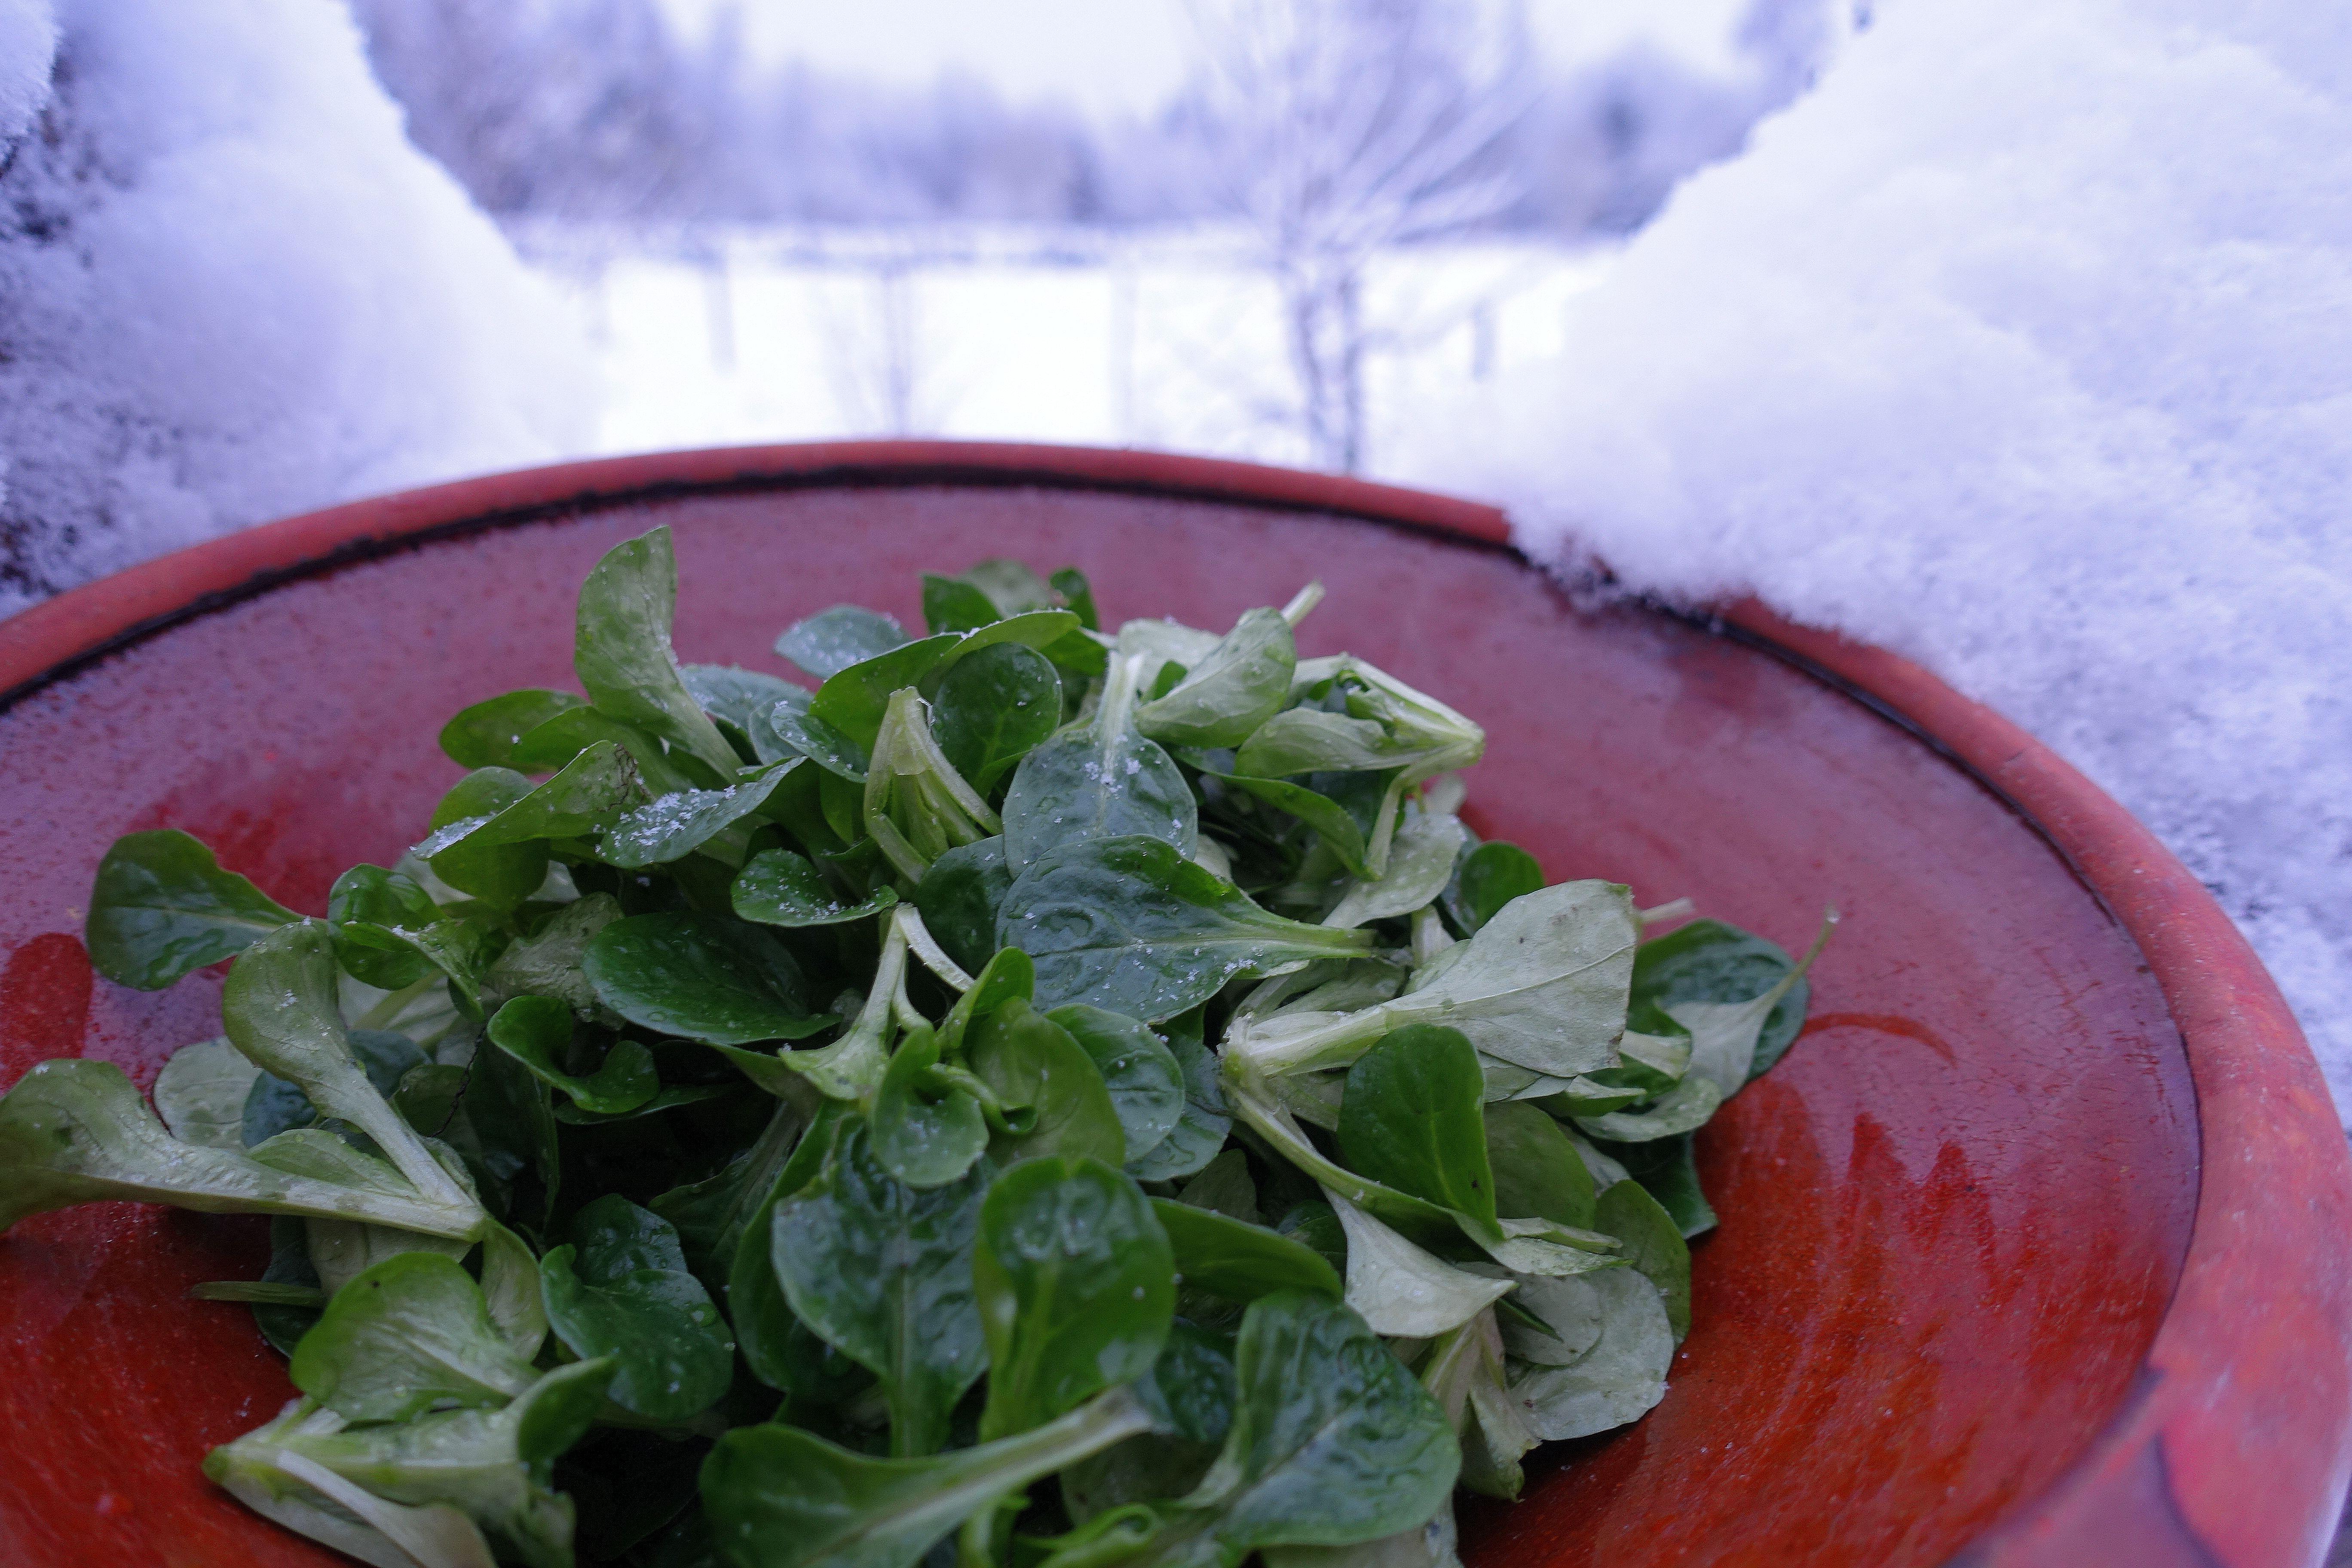 En skål med vintersallat står ute i snön.